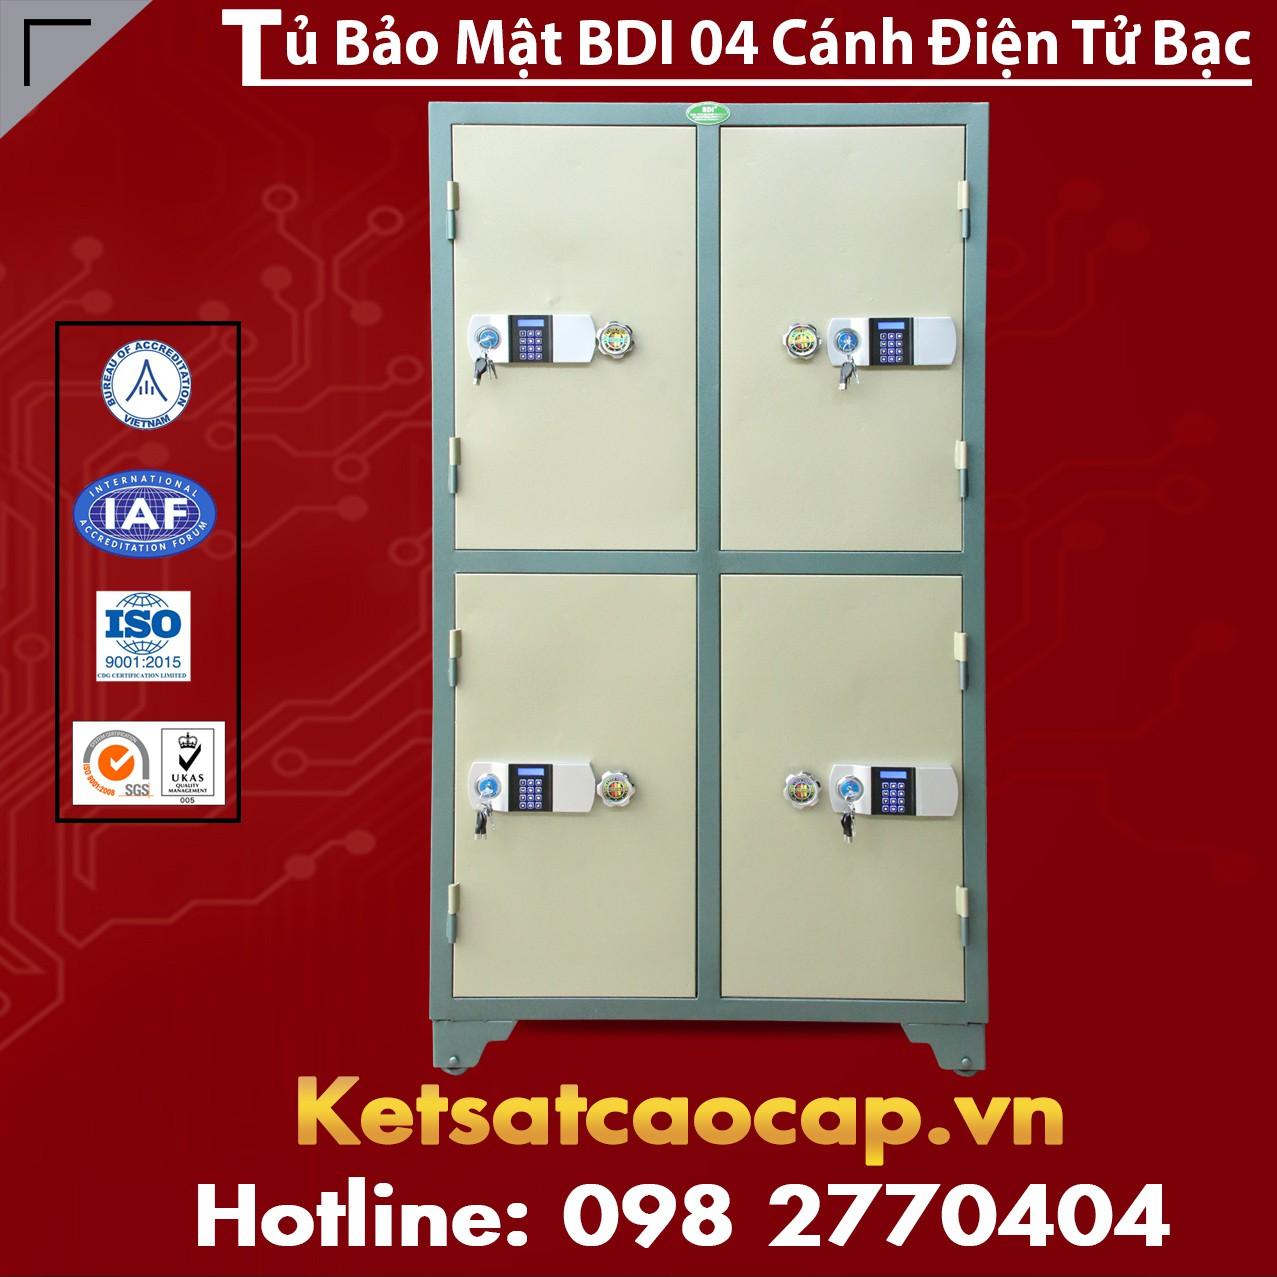 Tủ Bảo Mật BDI 4 Cánh Điện Tử Bạc